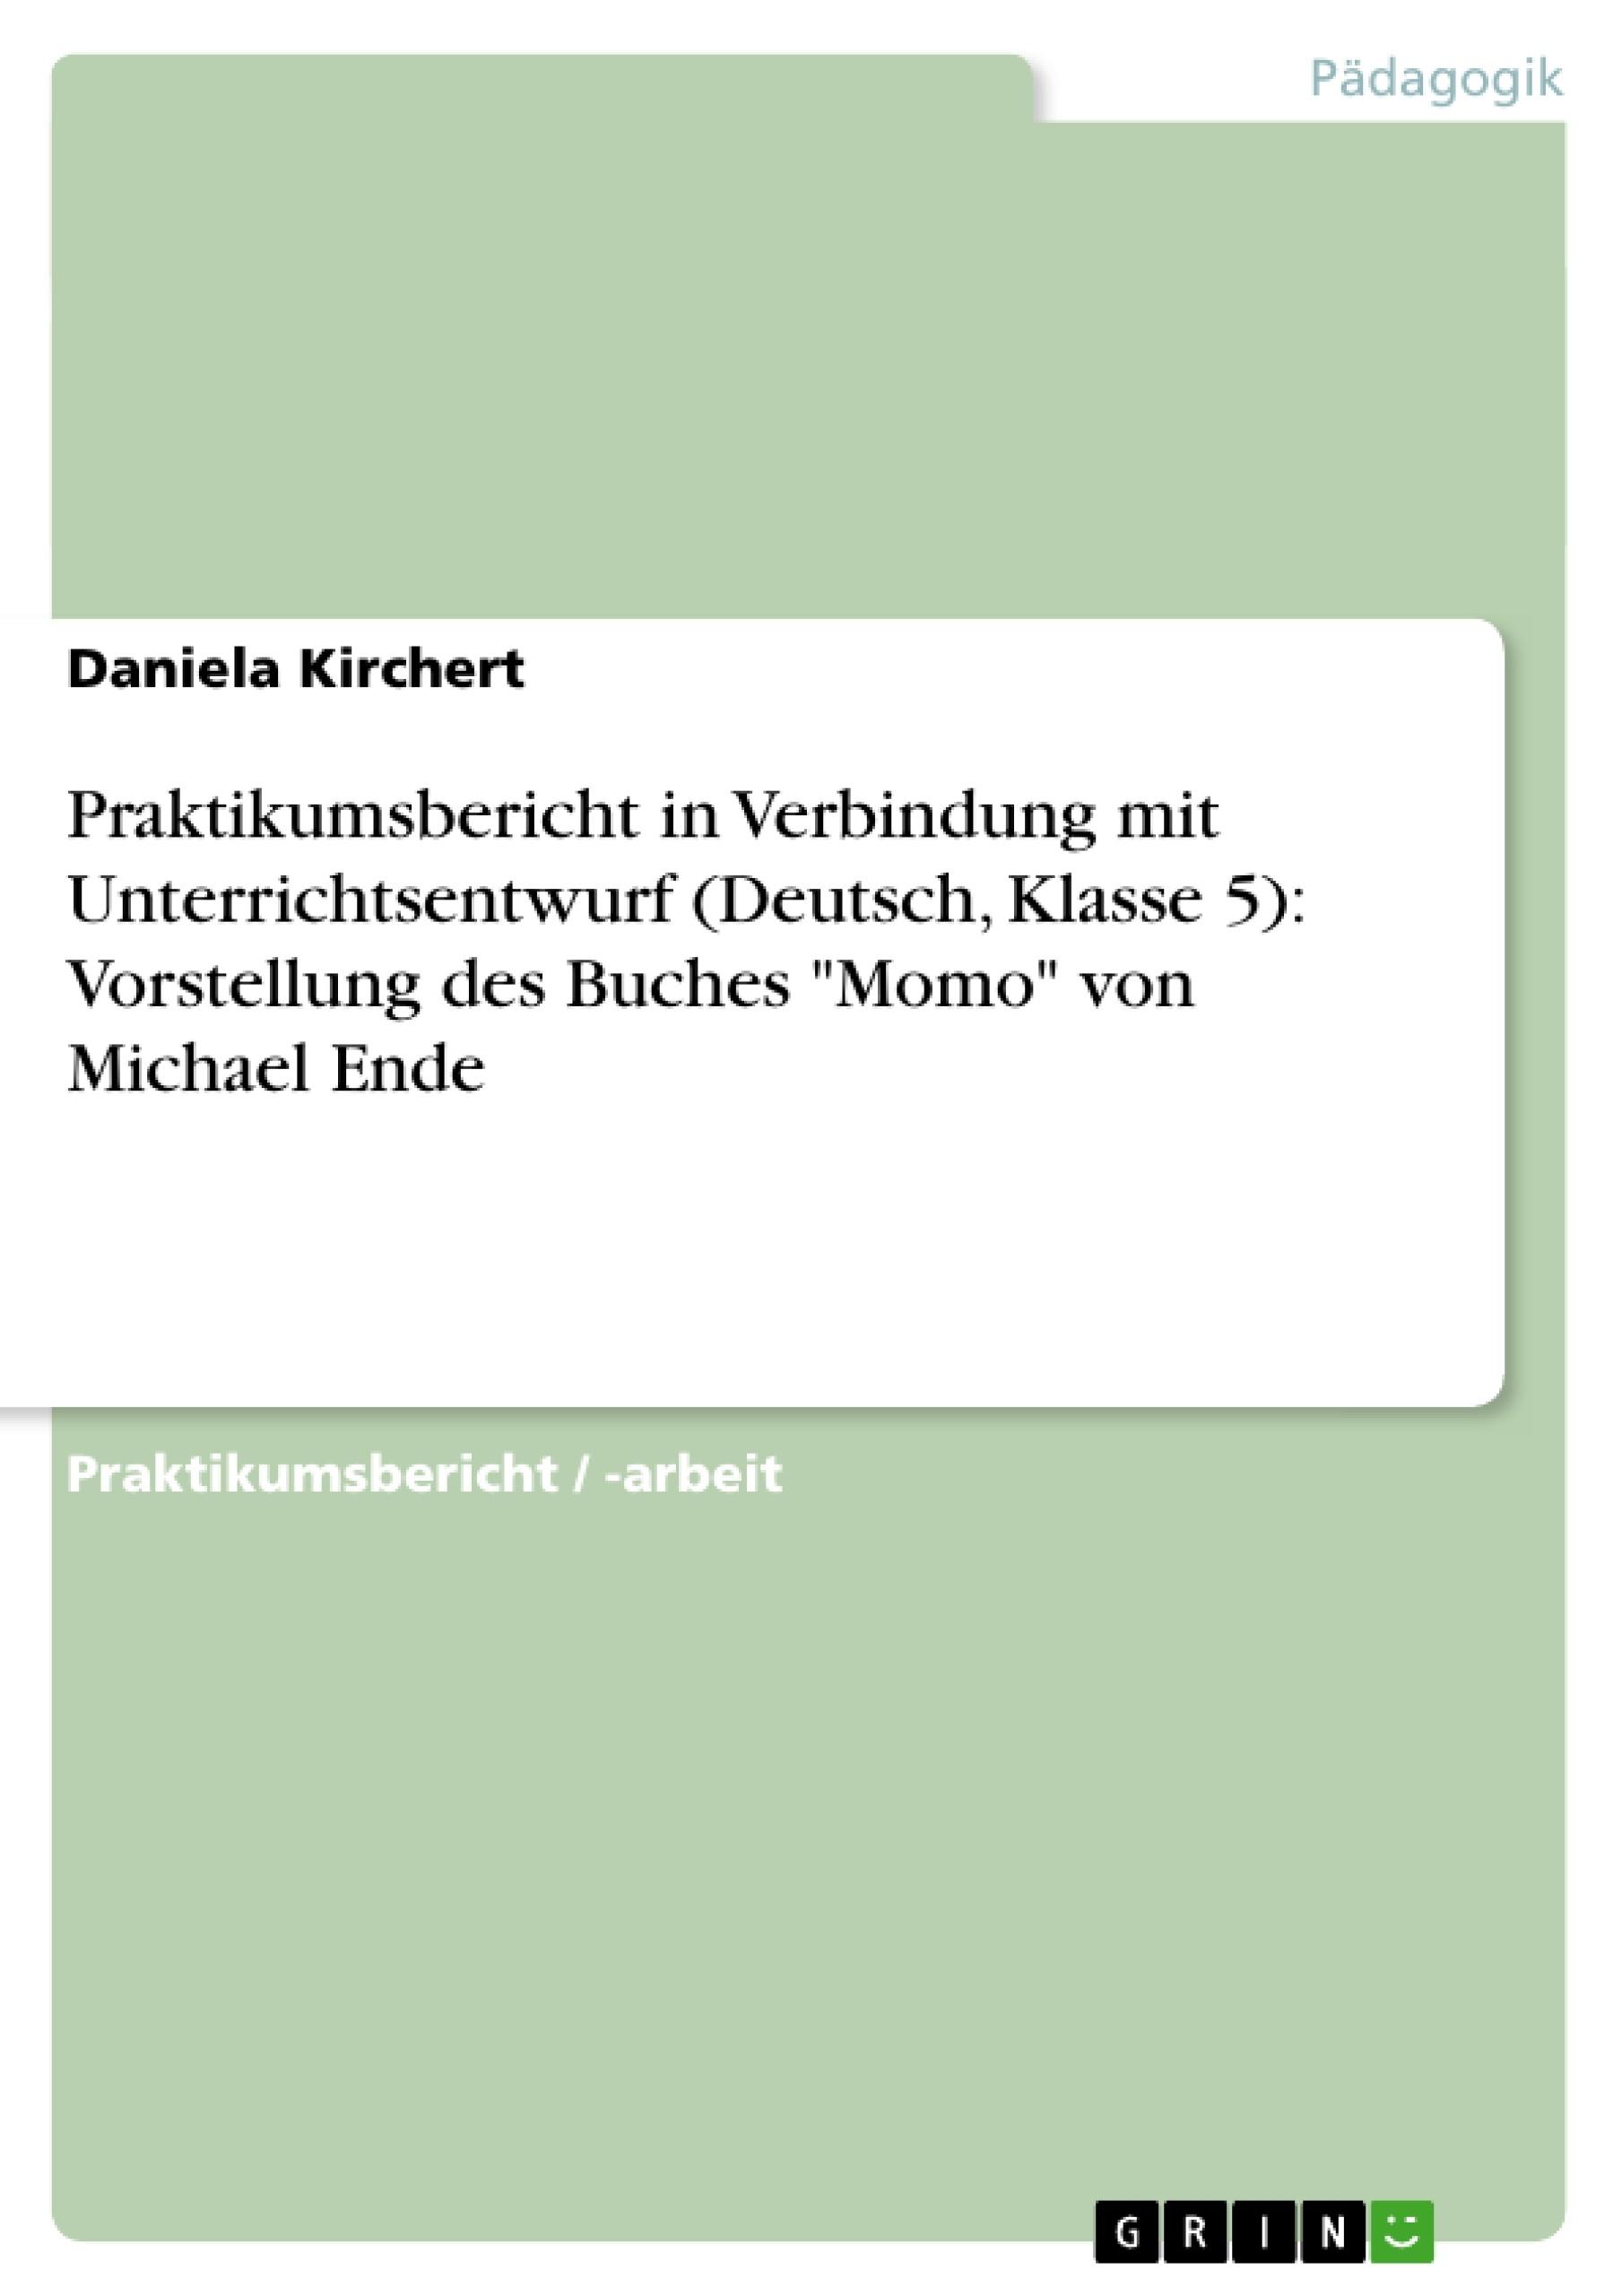 """Titel: Praktikumsbericht in Verbindung mit Unterrichtsentwurf (Deutsch, Klasse 5): Vorstellung des Buches """"Momo"""" von Michael Ende"""